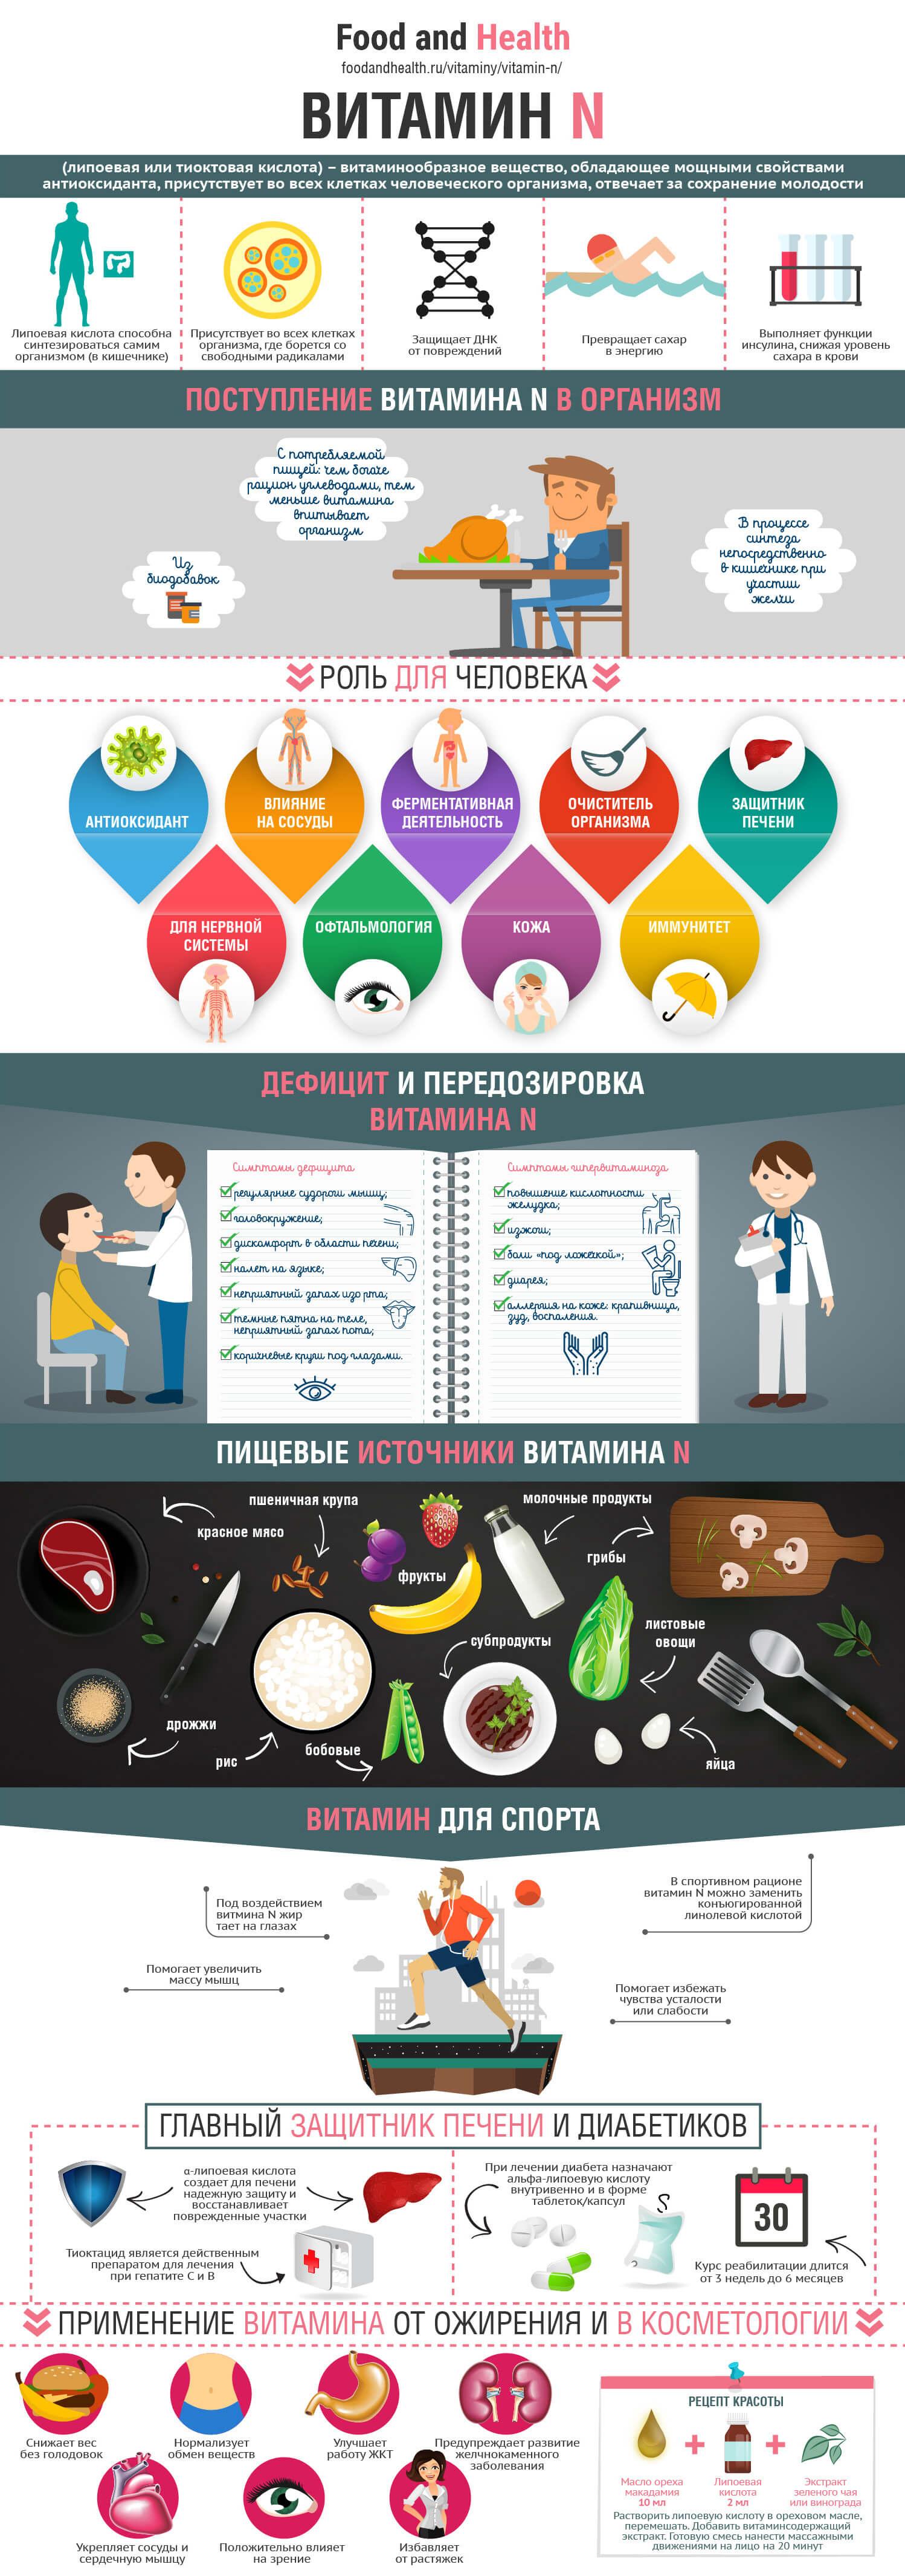 Витамин N: инфографика